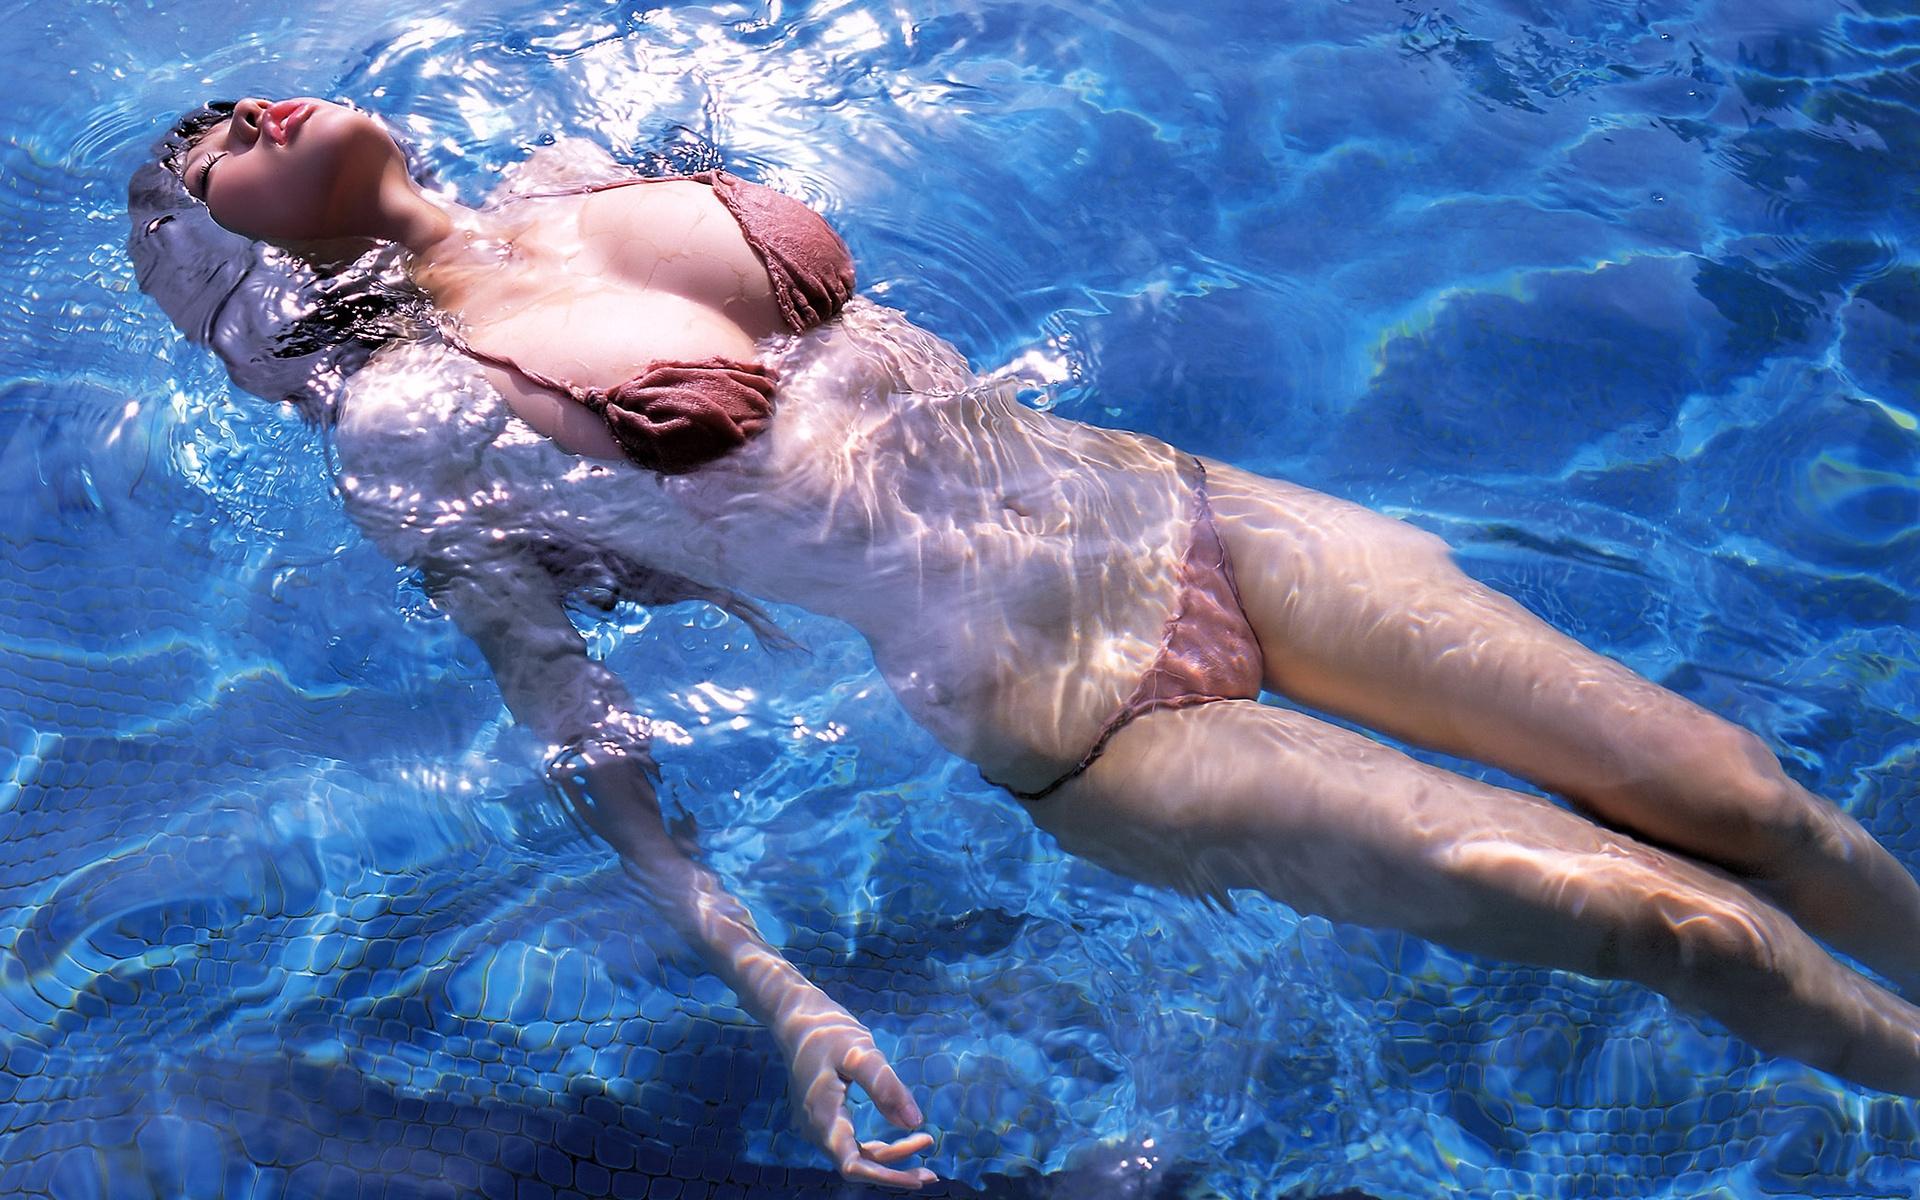 Молодая красавица снимается на булыжниках в воде  45997